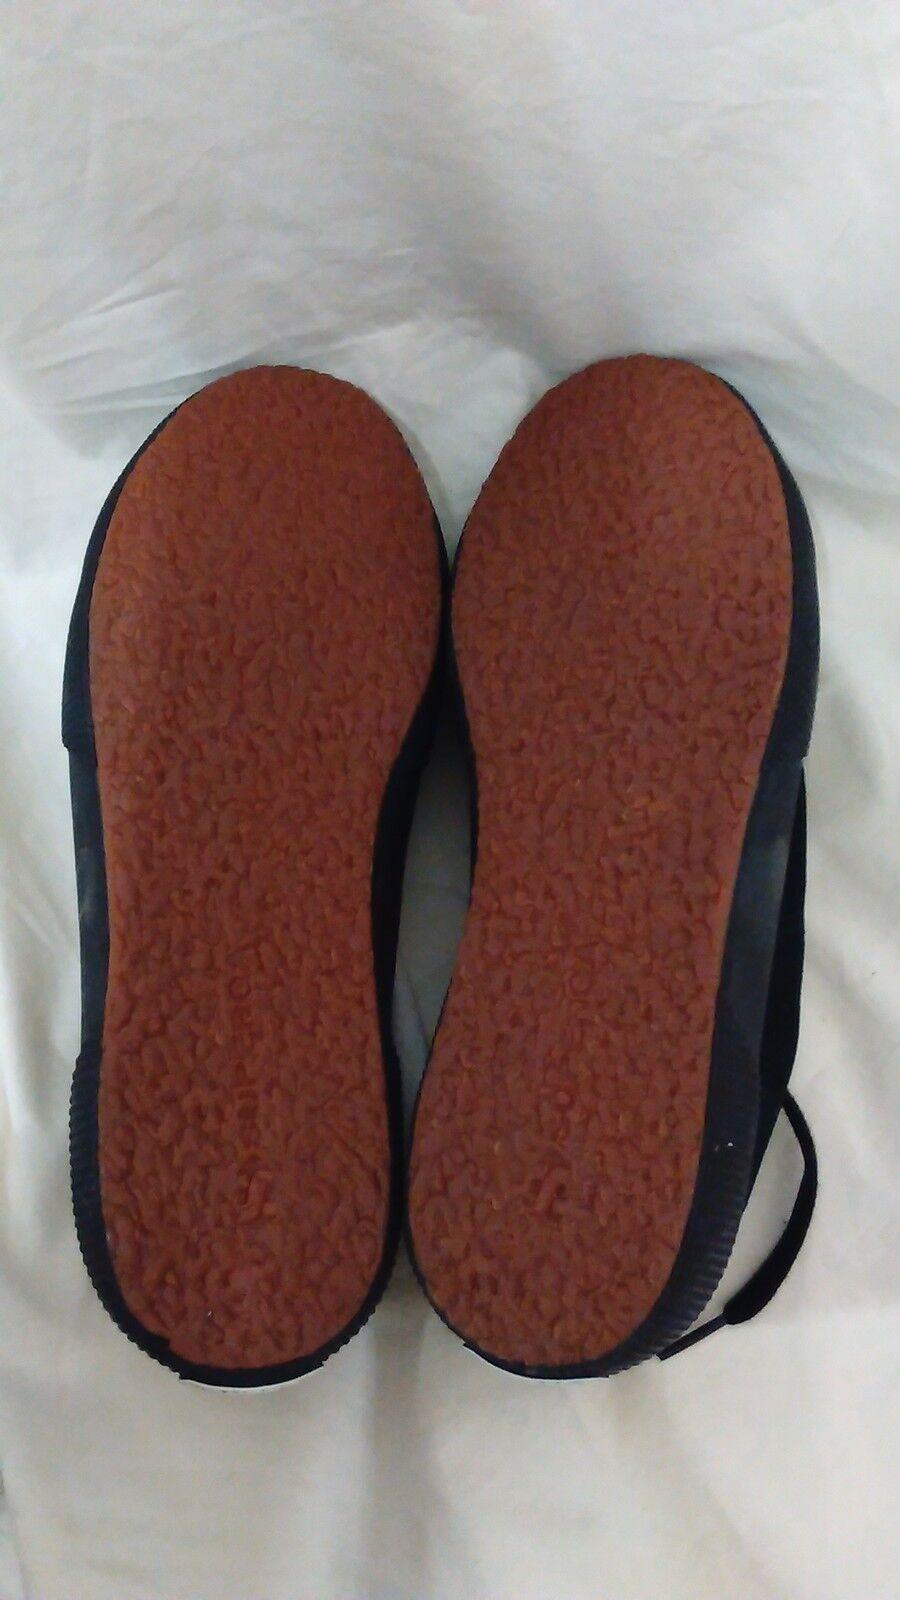 SUPERGA Schuhe Invernali Damenschuhe Num. 35 2750 NERO Pelo Interno Mod. 2750 35 SUEBINU (290) ad9e5f